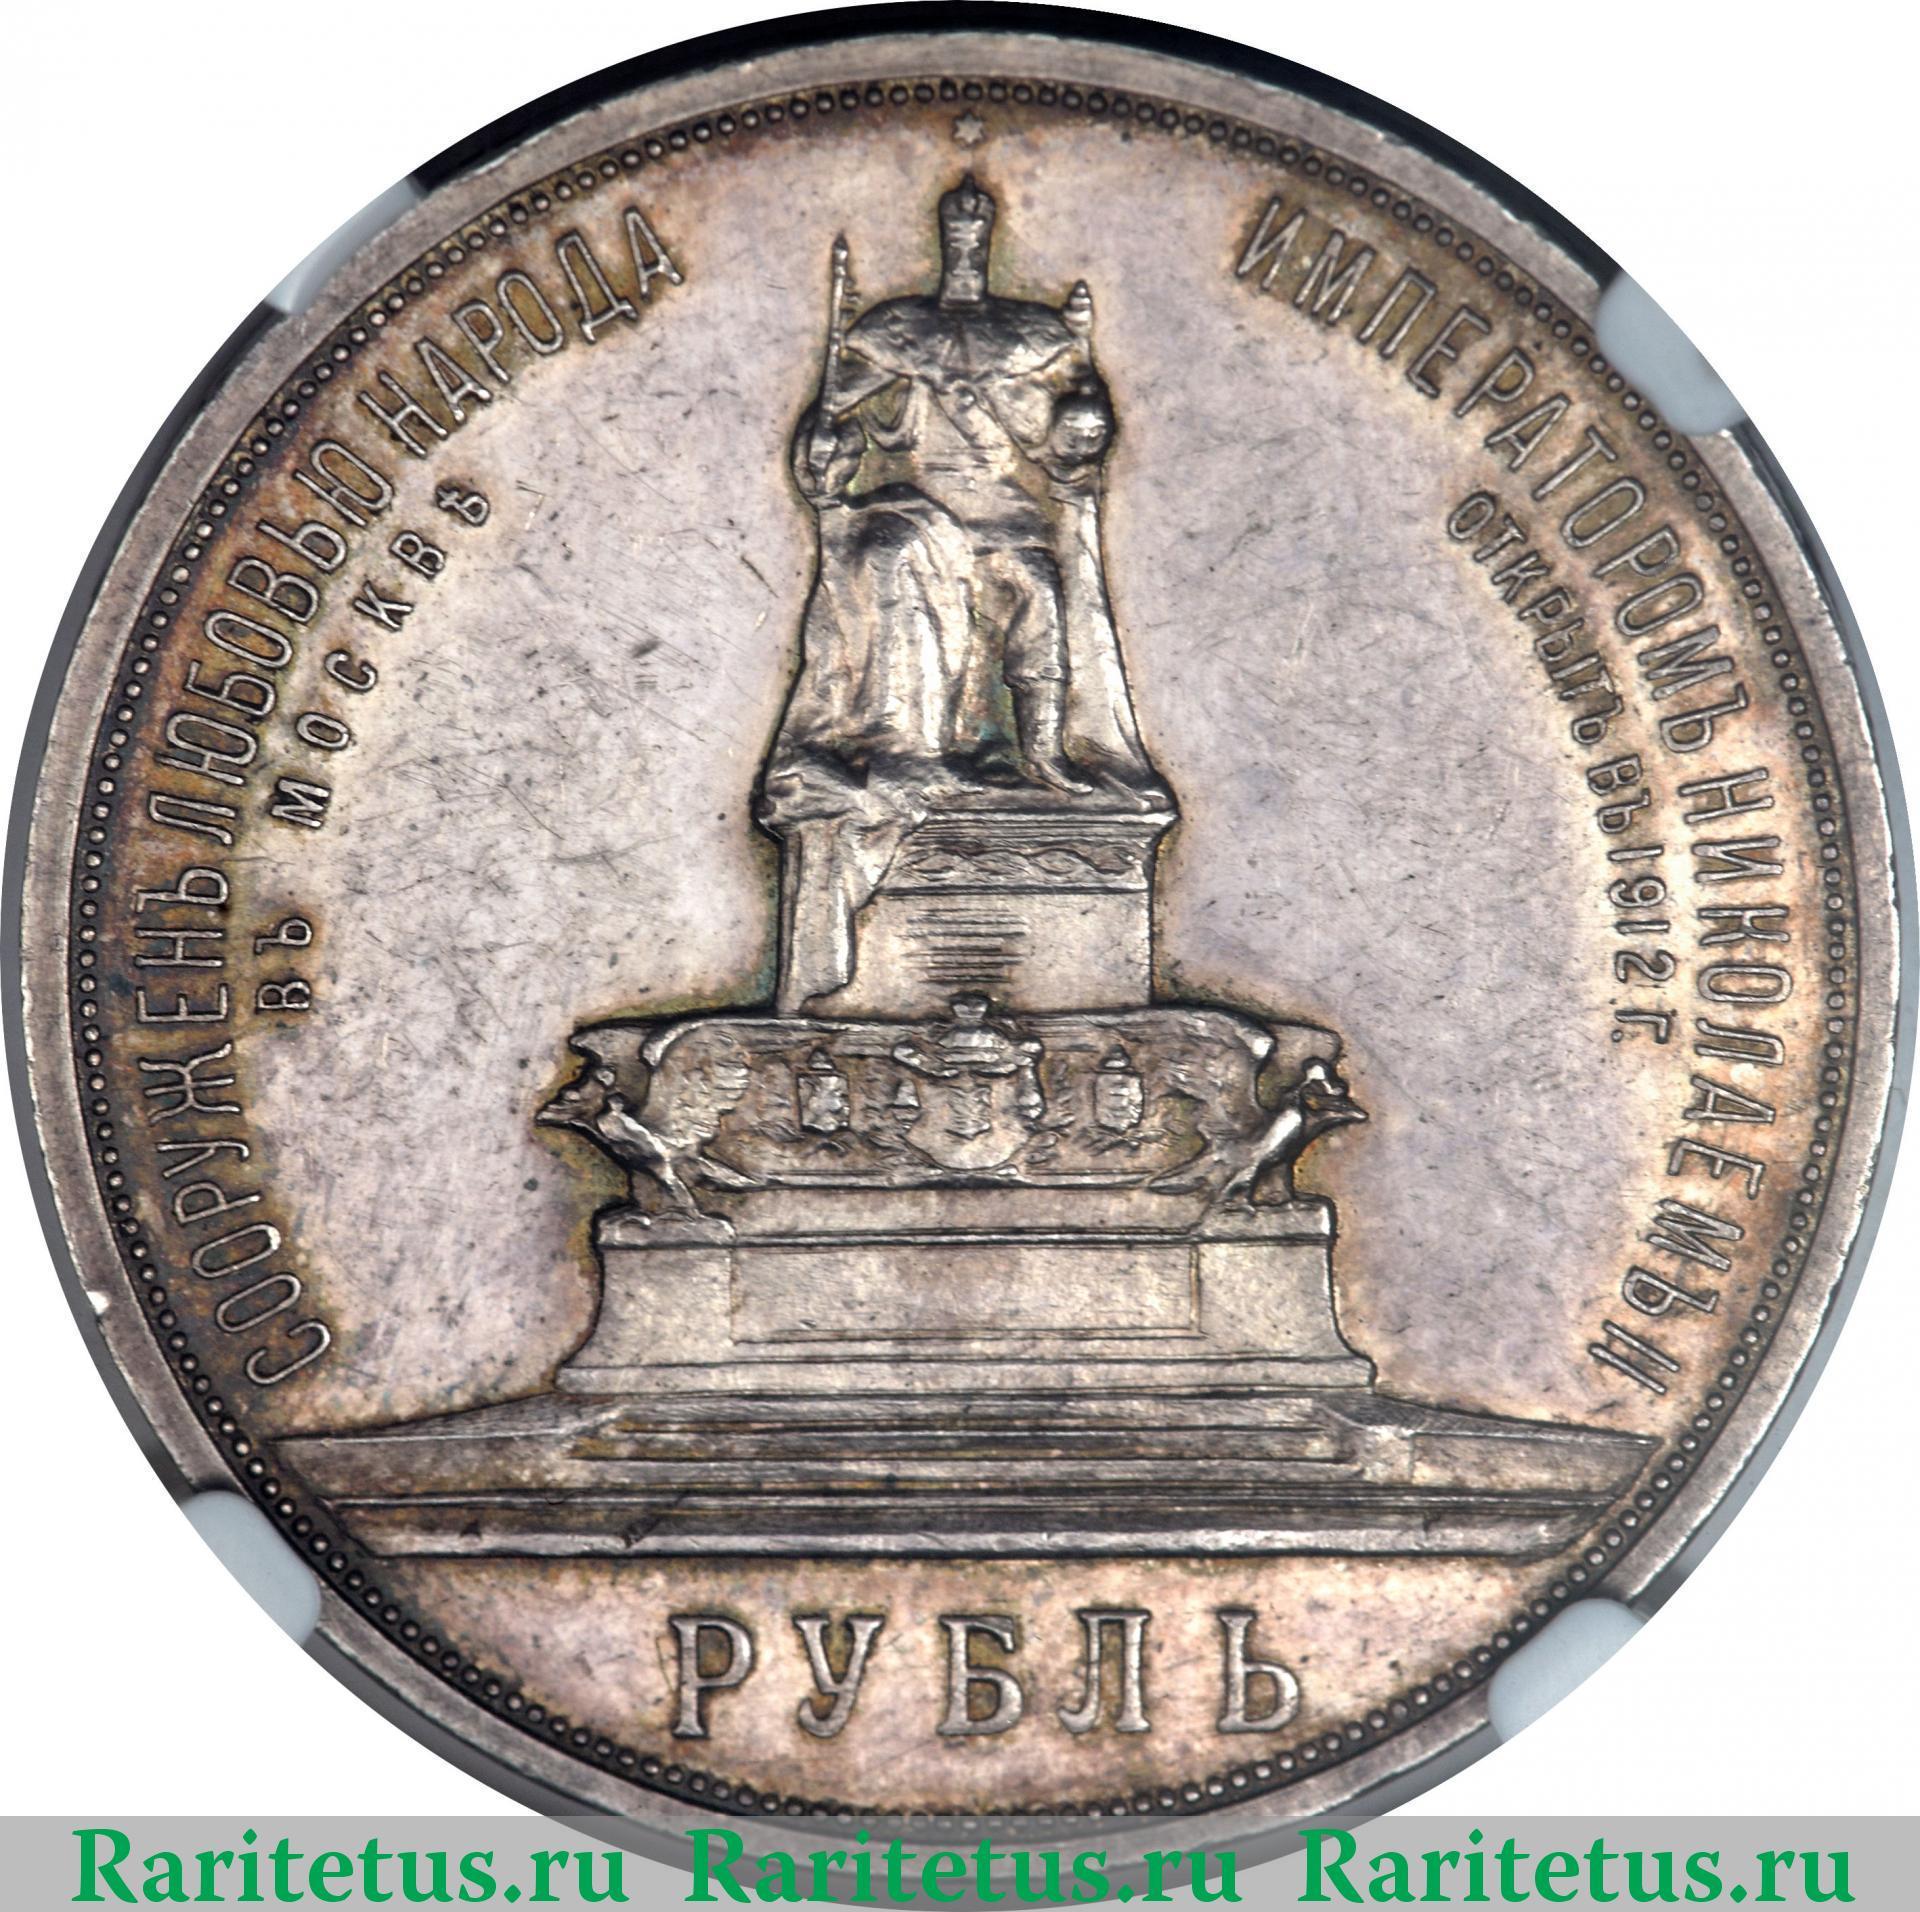 Рубль 1912 года цена трон олимпийские сто рублей цена